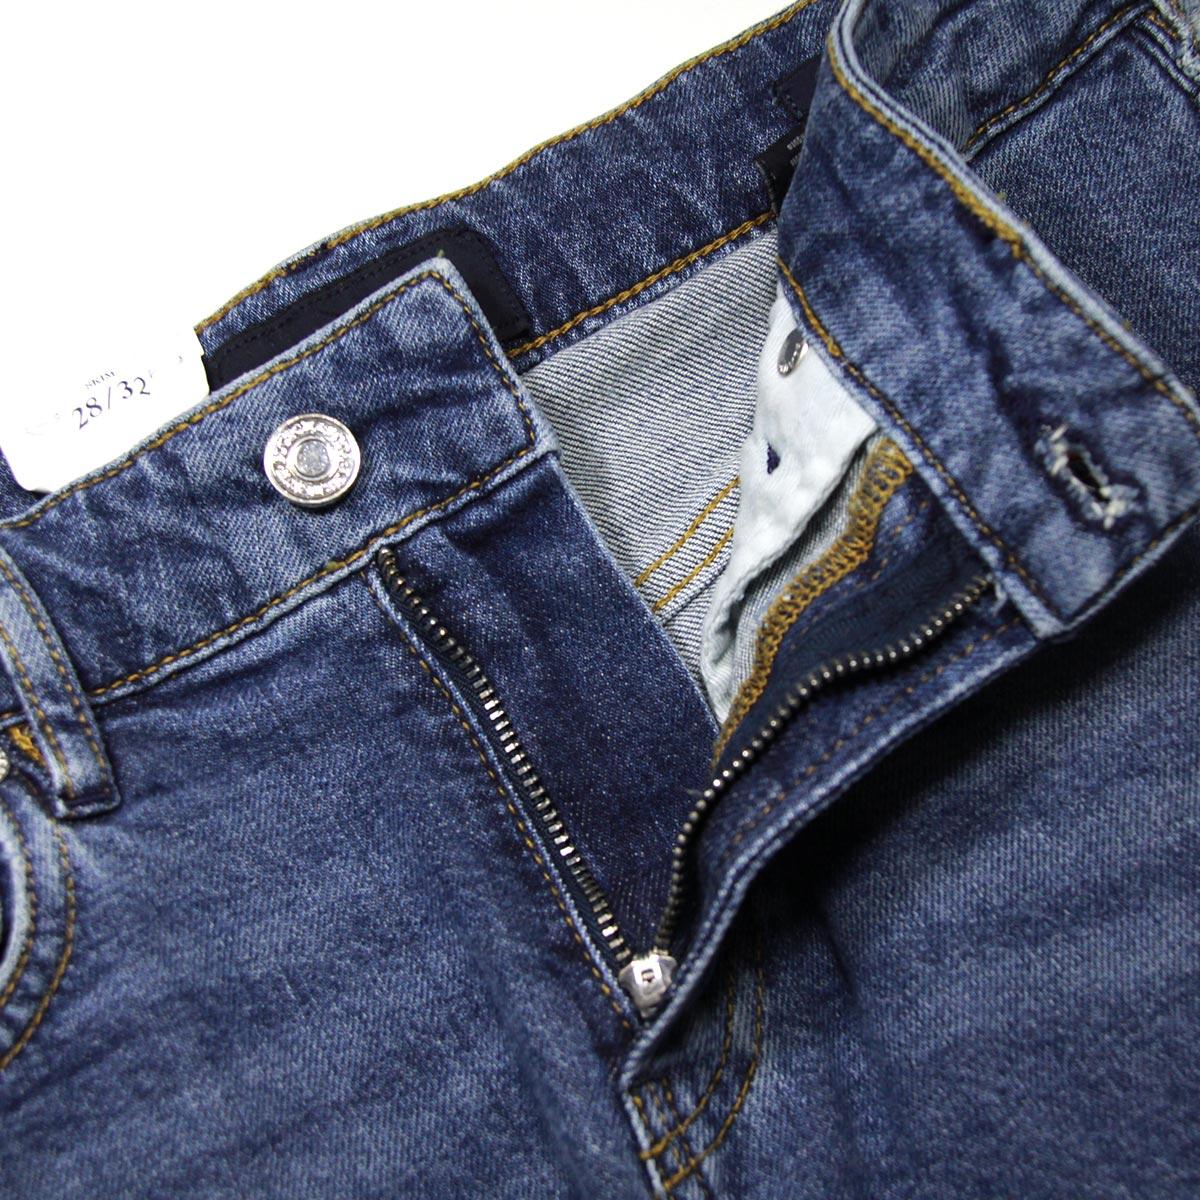 スコッチアンドソーダ ジーンズ メンズ 正規販売店 SCOTCH&SODA ジーパン SKIM DENIM JEANS - TOUCH OF FALL D 156669 3805 25500 76 TOUCH OF FALL A39B B1C C2D D1E E07F